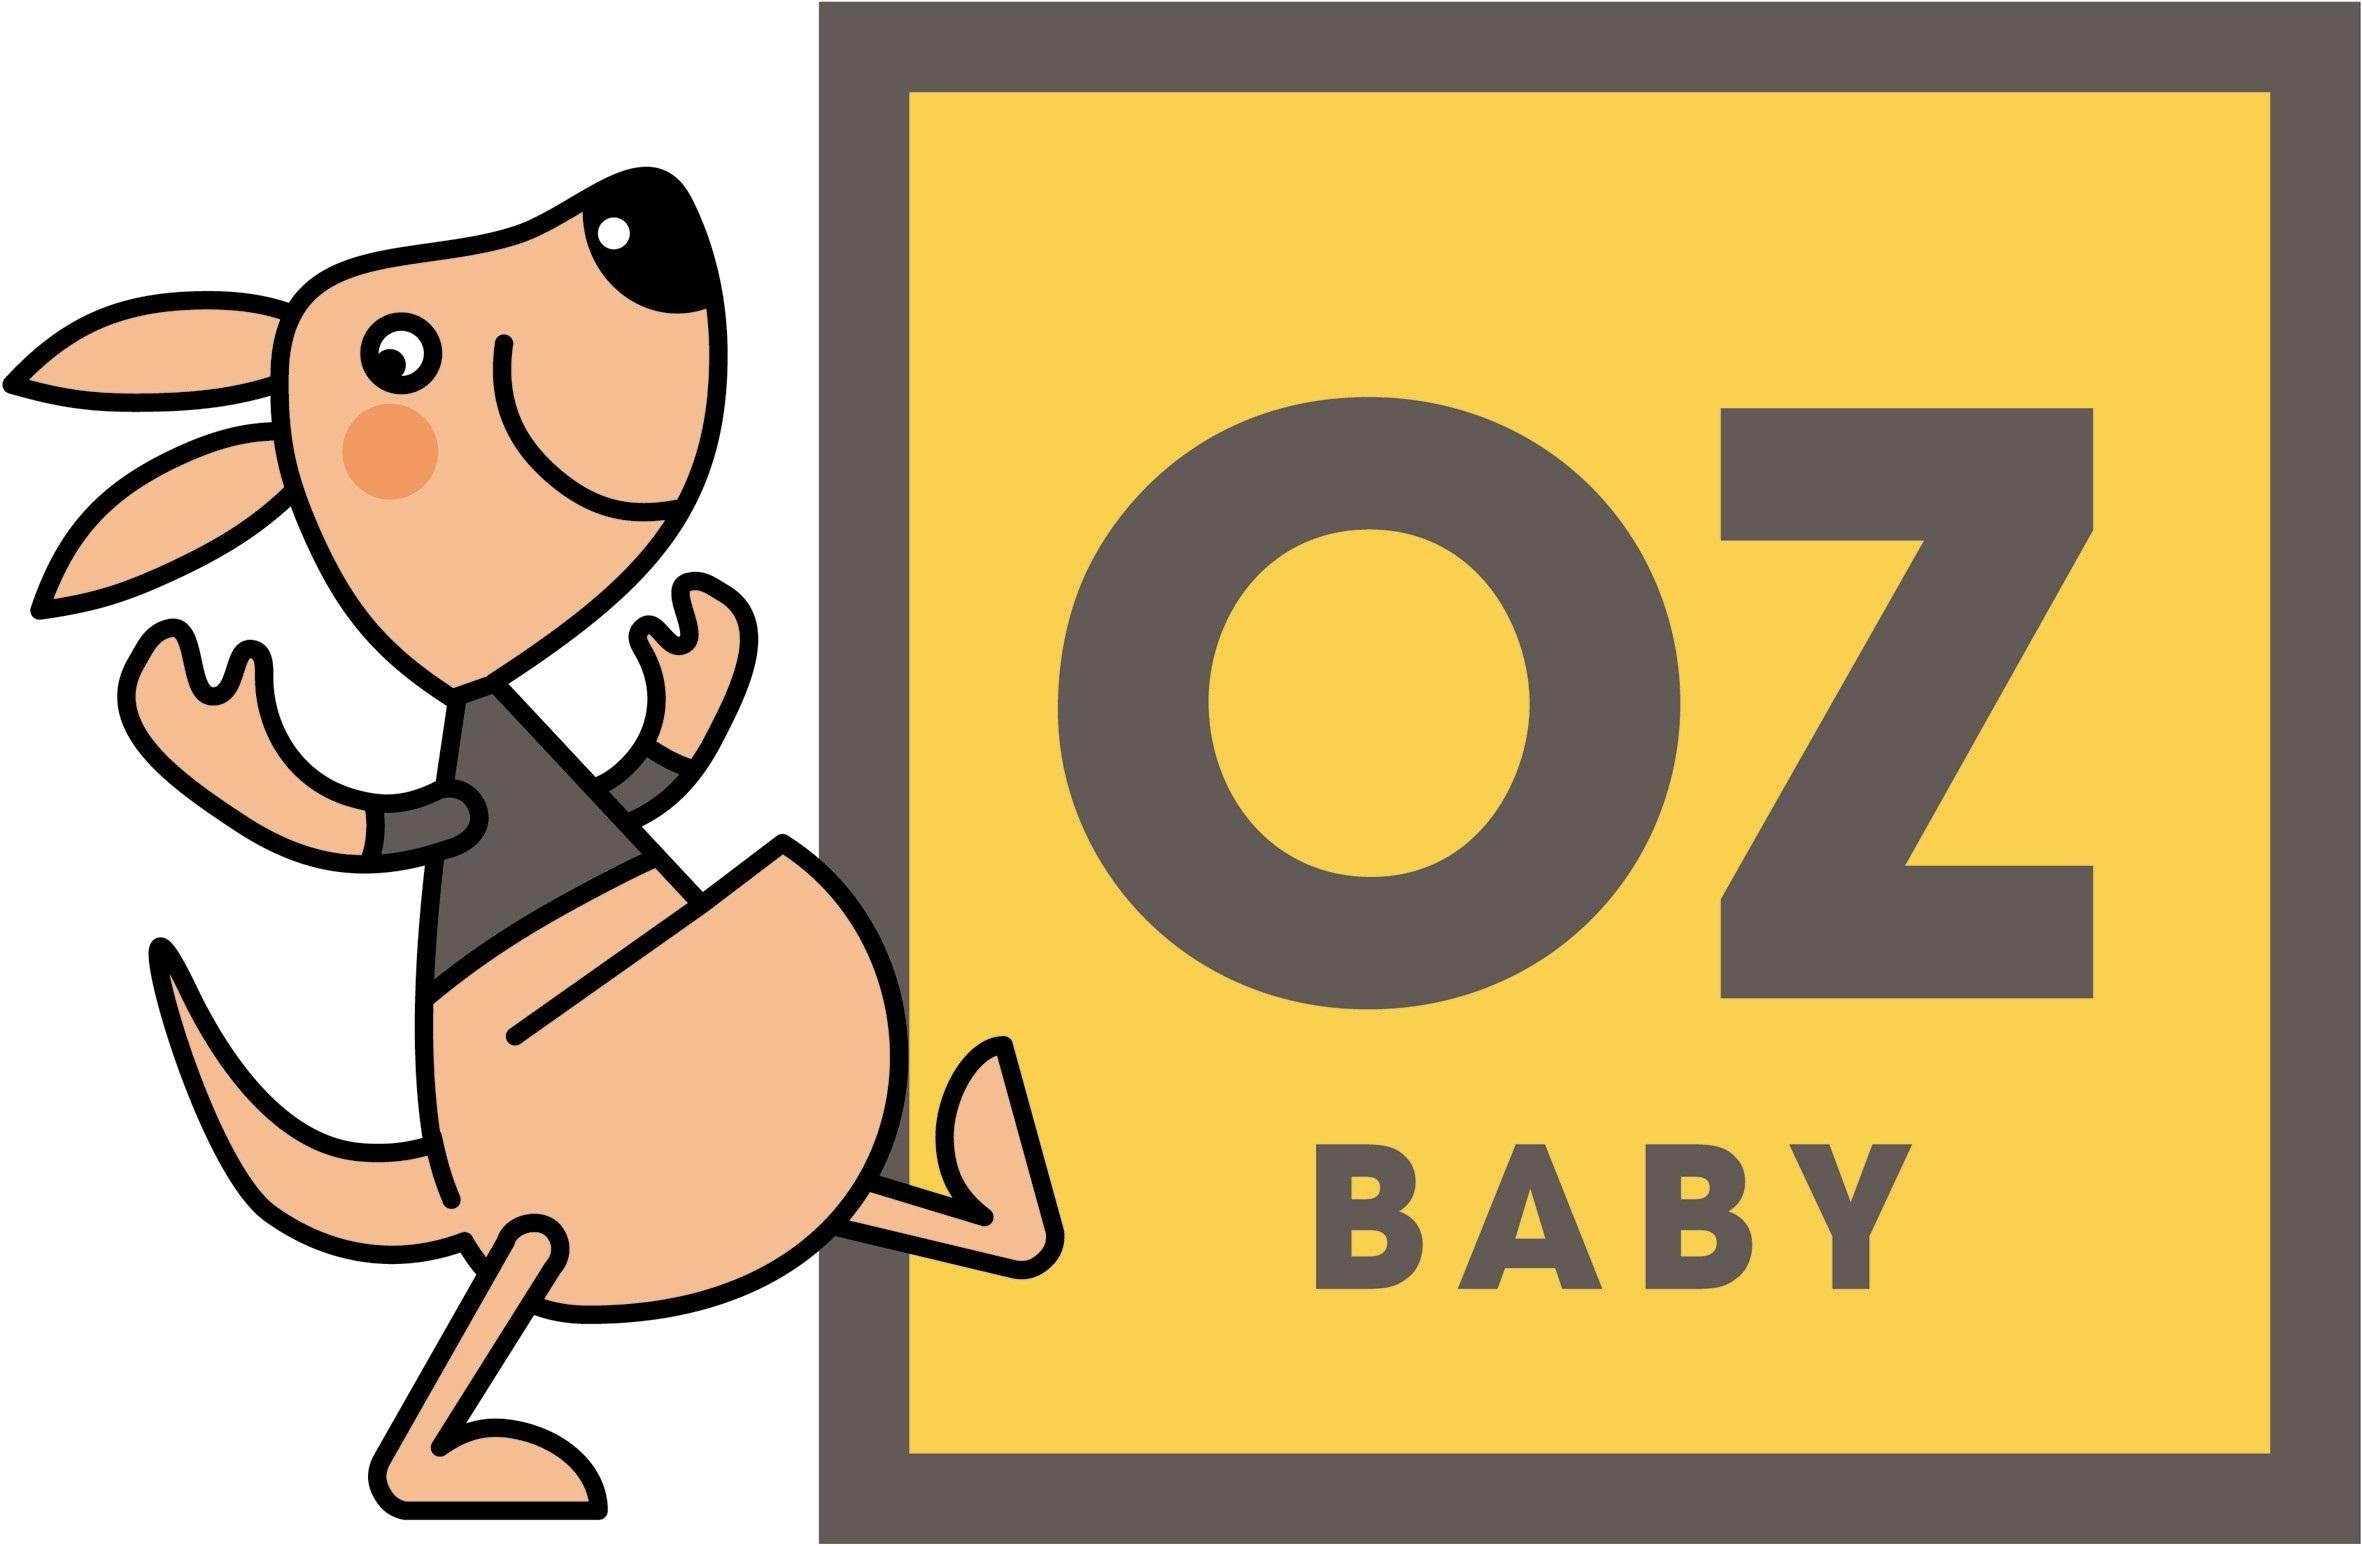 Oz Baby Магазин детских товаров - Logo